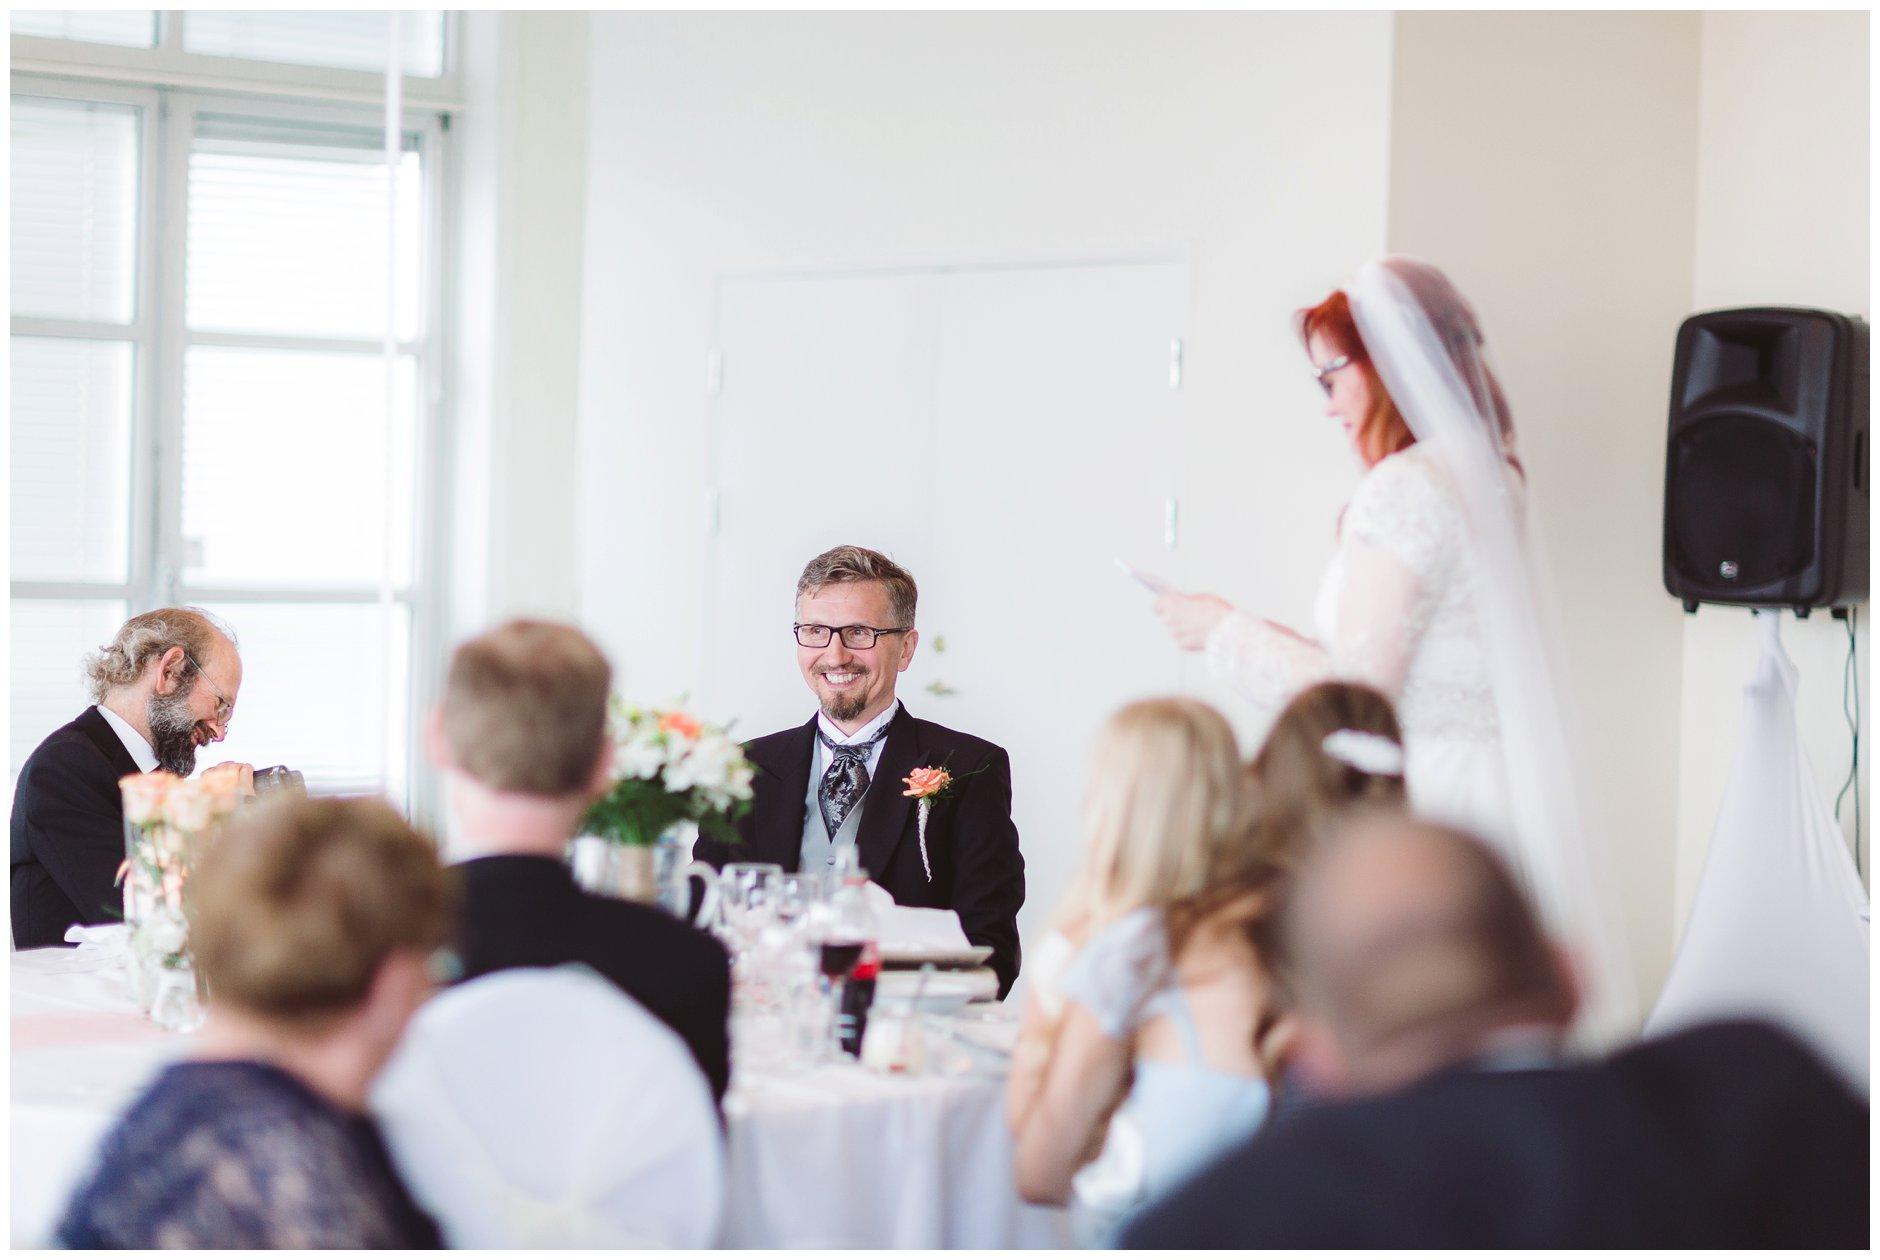 Fotograf-Eline-Jacobine-Bryllup-Tjøme-Scandic-Havna-Trine-og-Halvor_0133